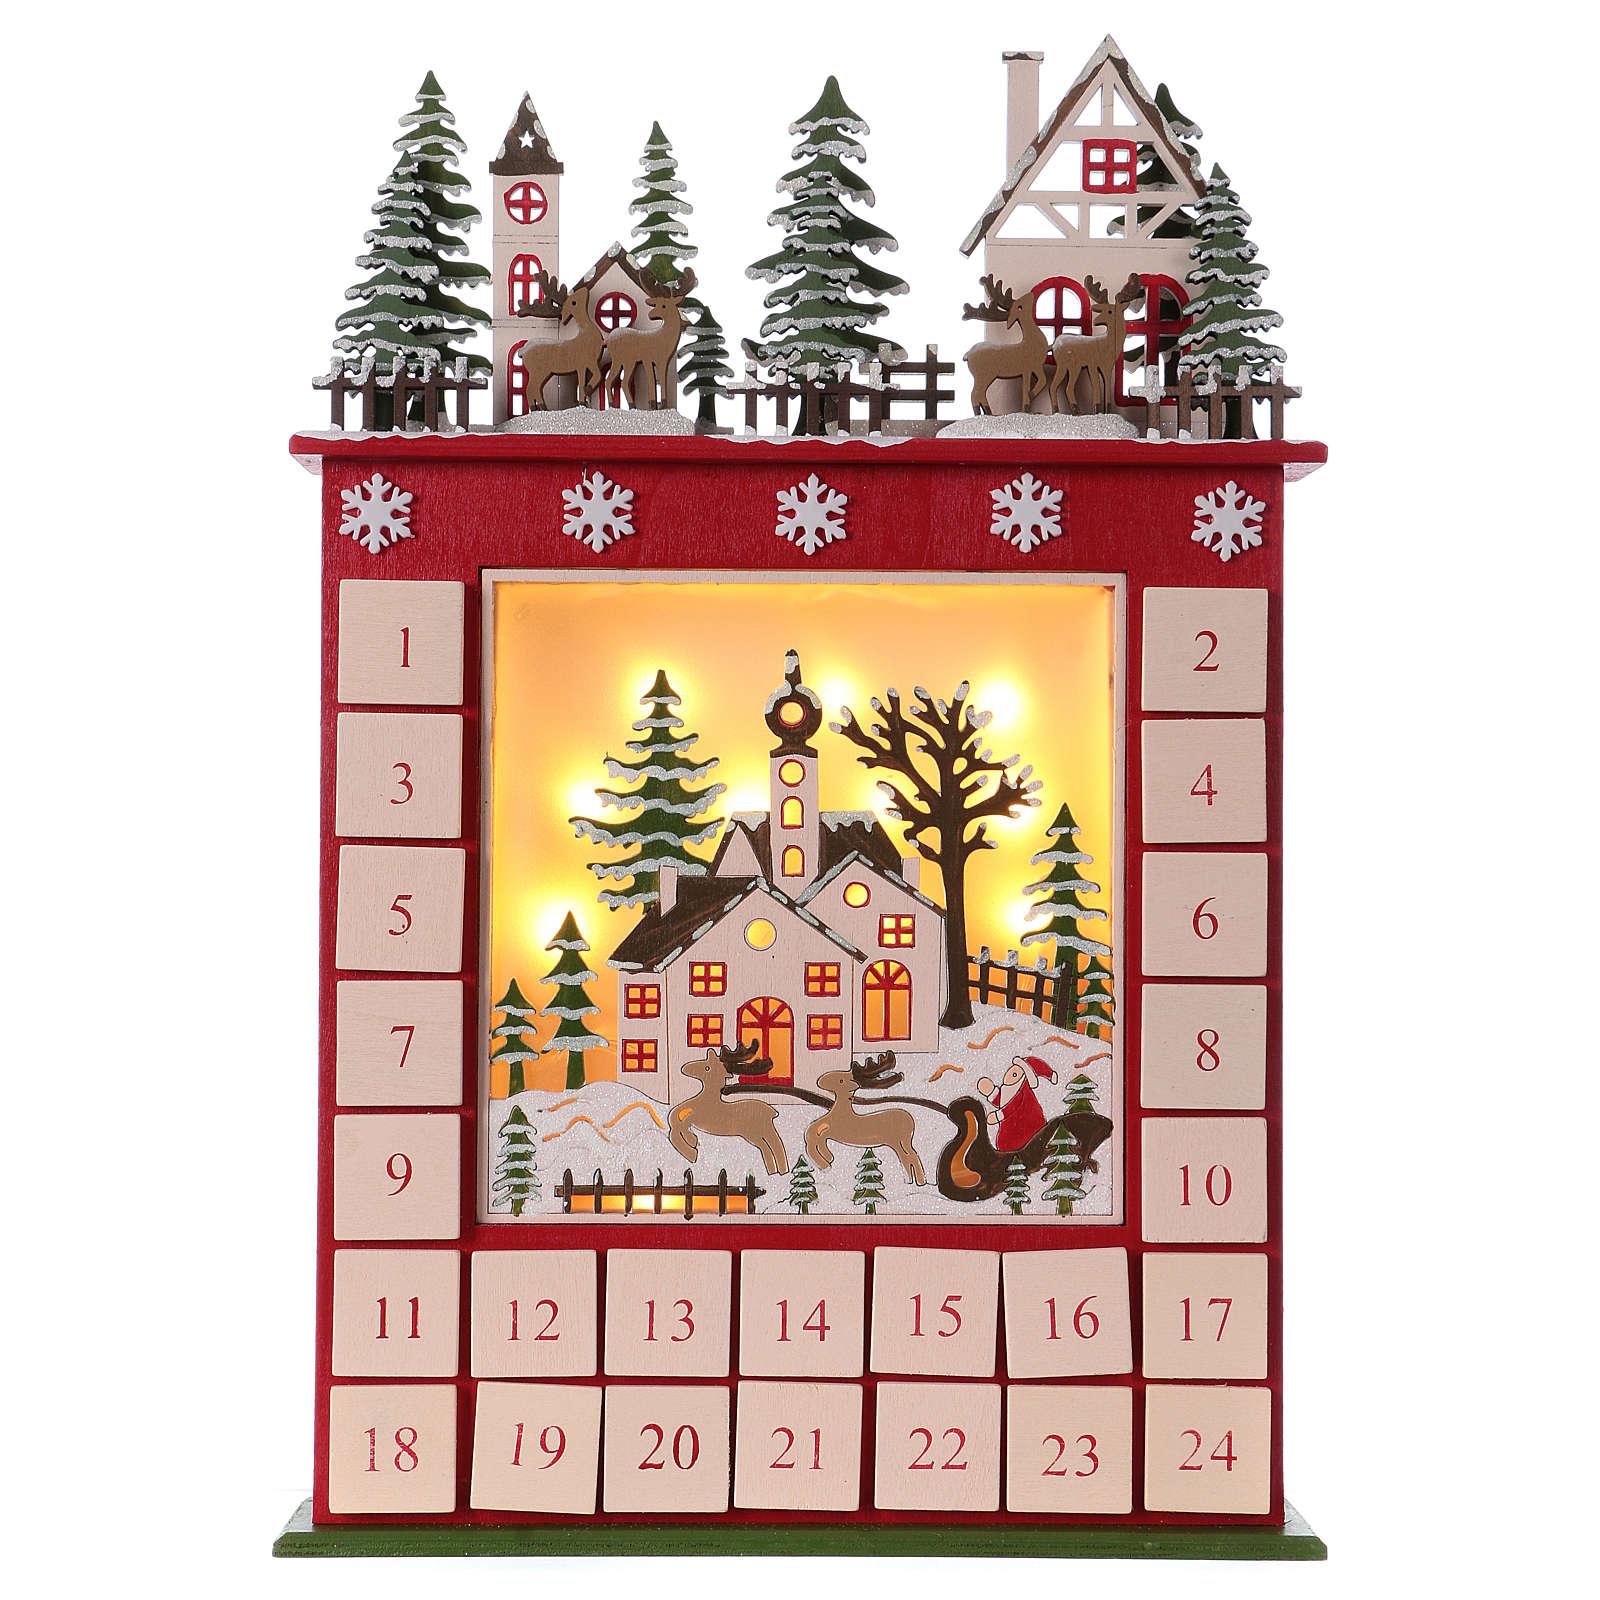 Il Calendario Dellavvento.Calendario Dell Avvento 45 Cm In Legno Paesaggio E Led